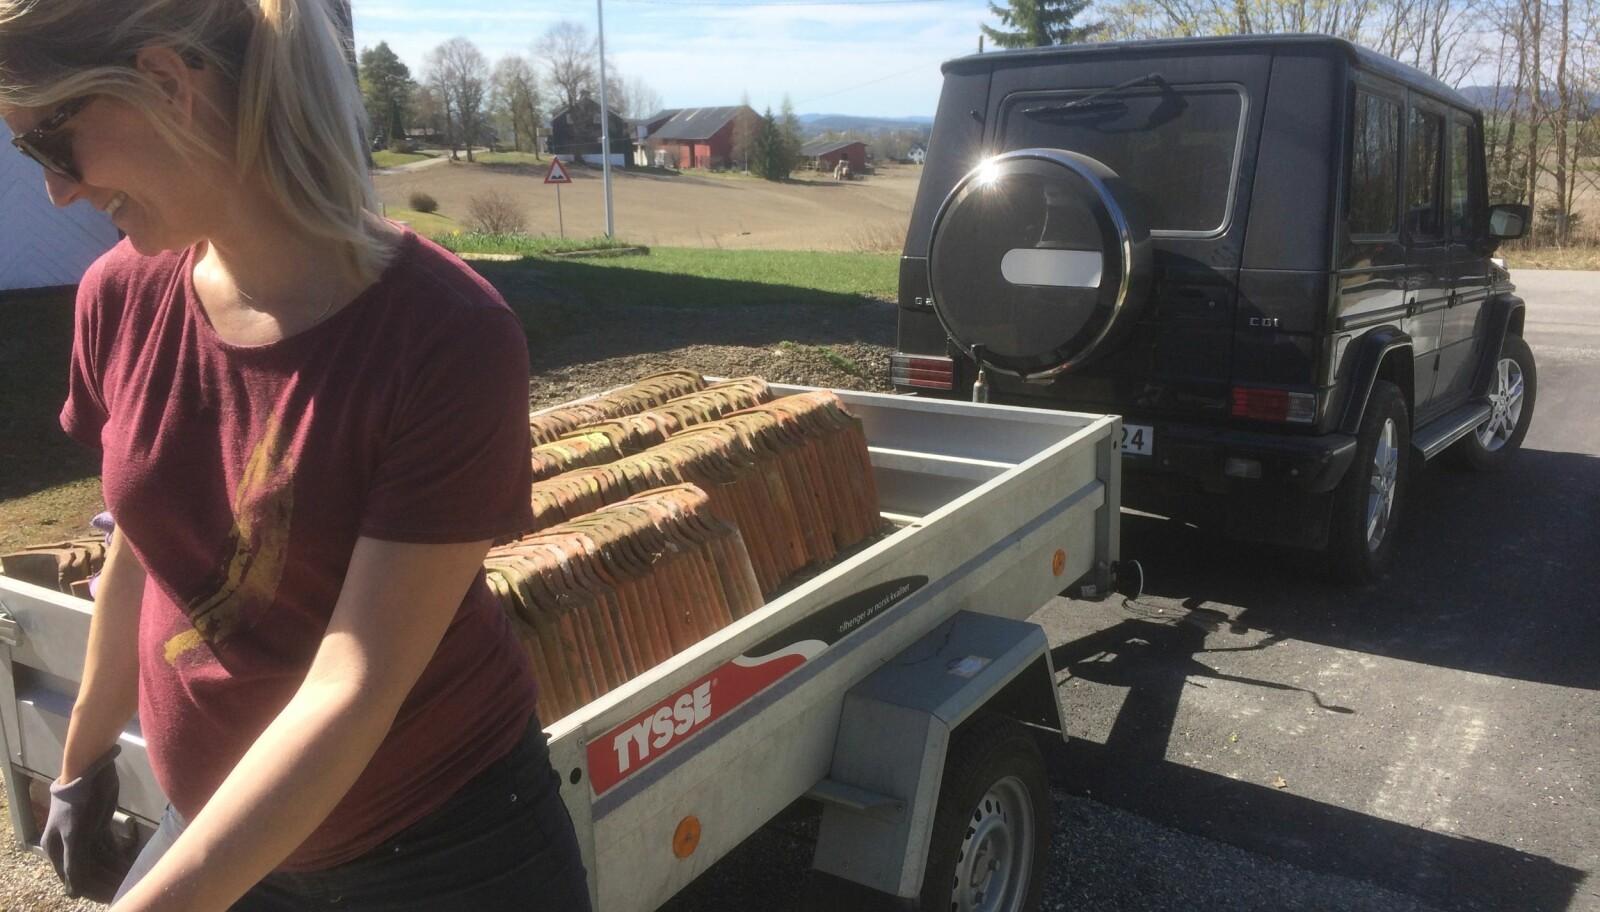 <b>RIKTIG UTSTYR:</b> Her bruker Astri Sjuls sin 2006-modell Geländewagen til å materialer for å bygge hønsehus.